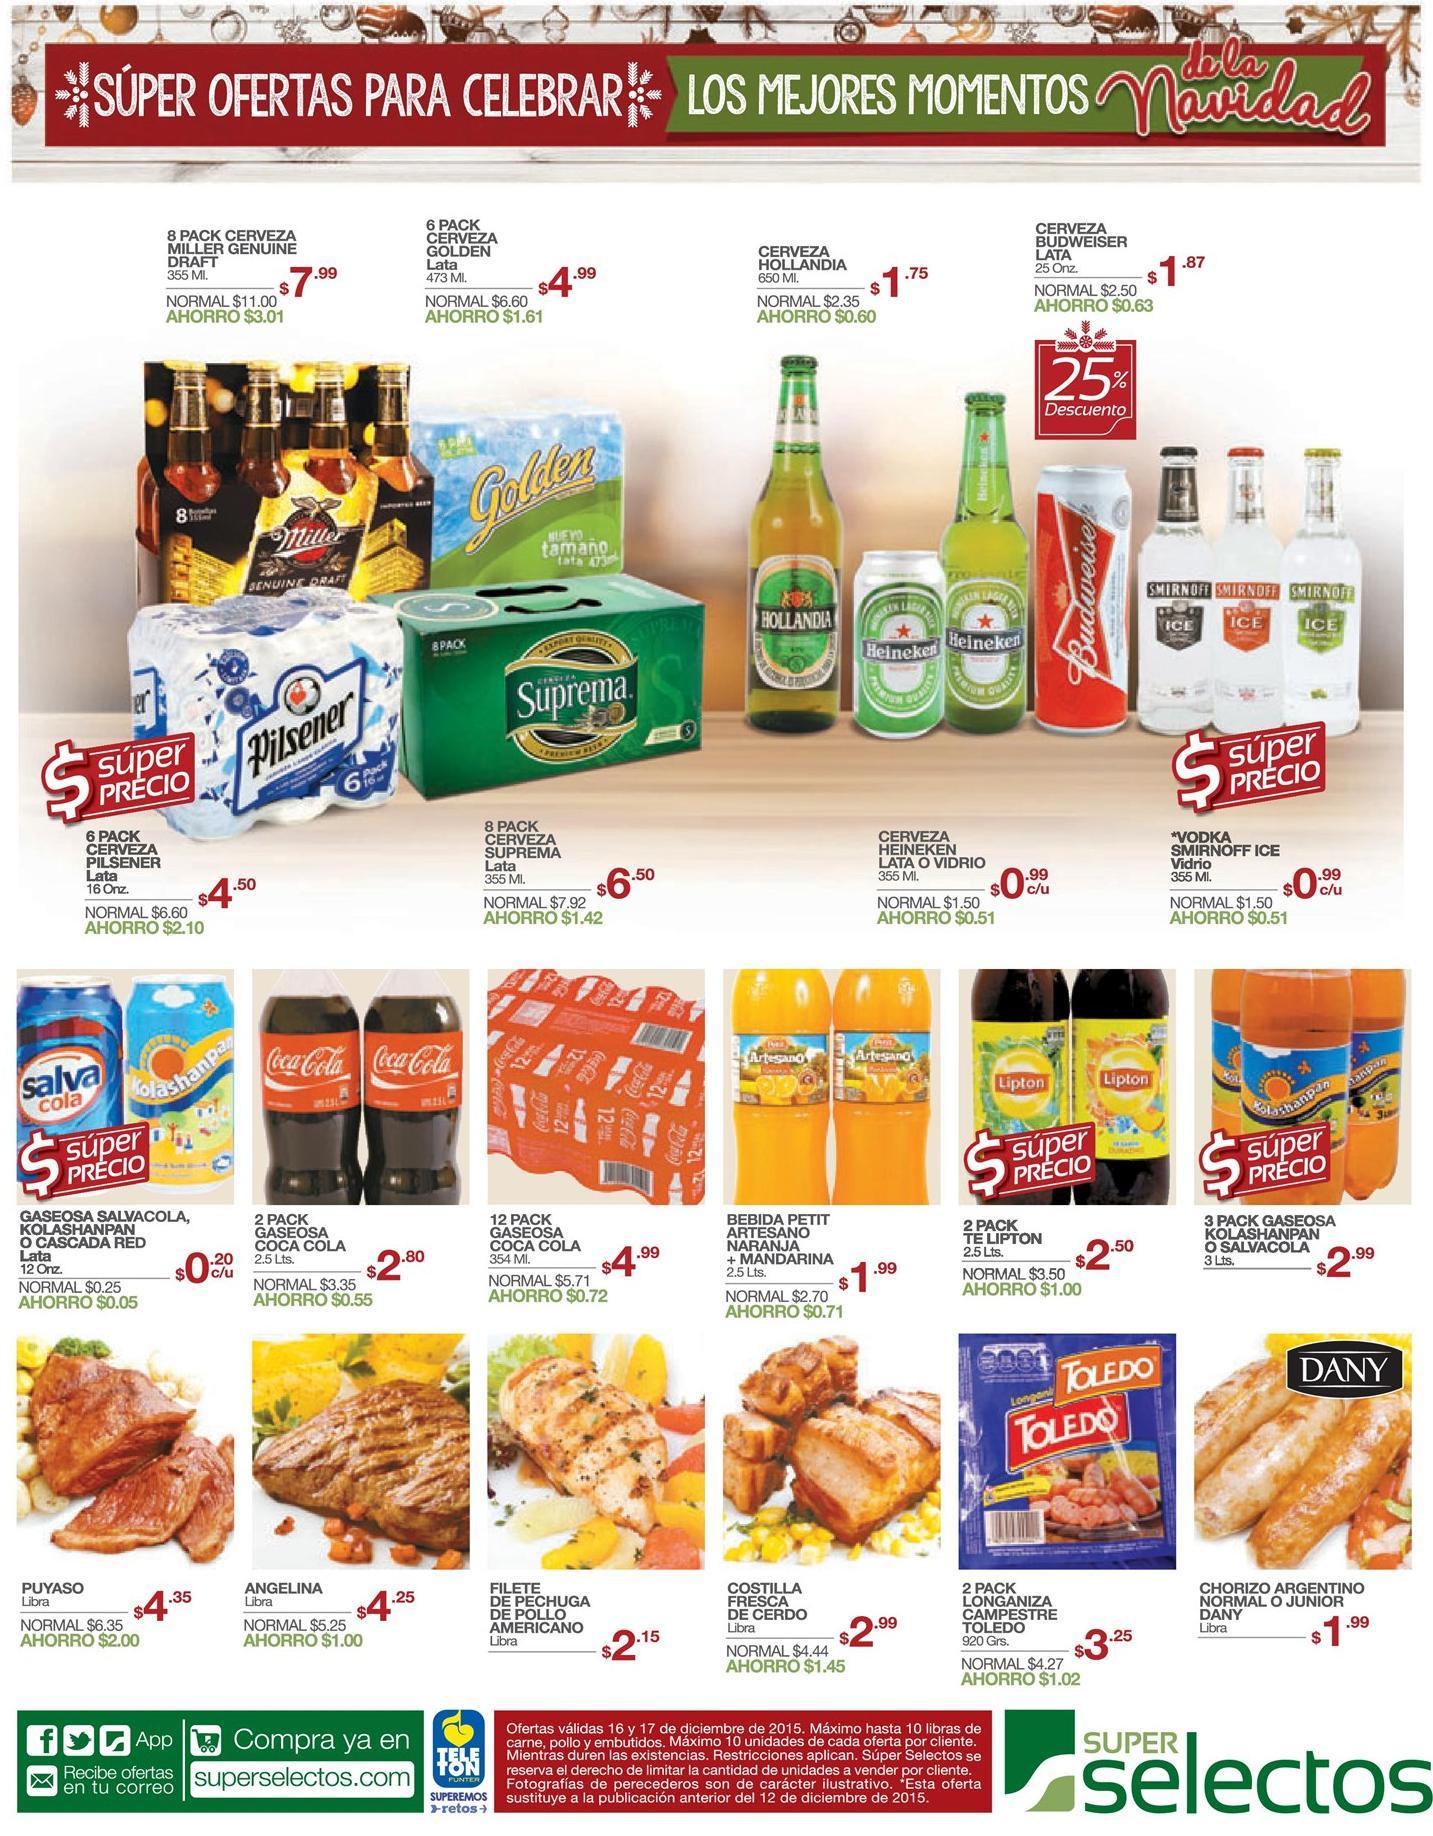 Super selectos super precios en cervezas para navidad 2015